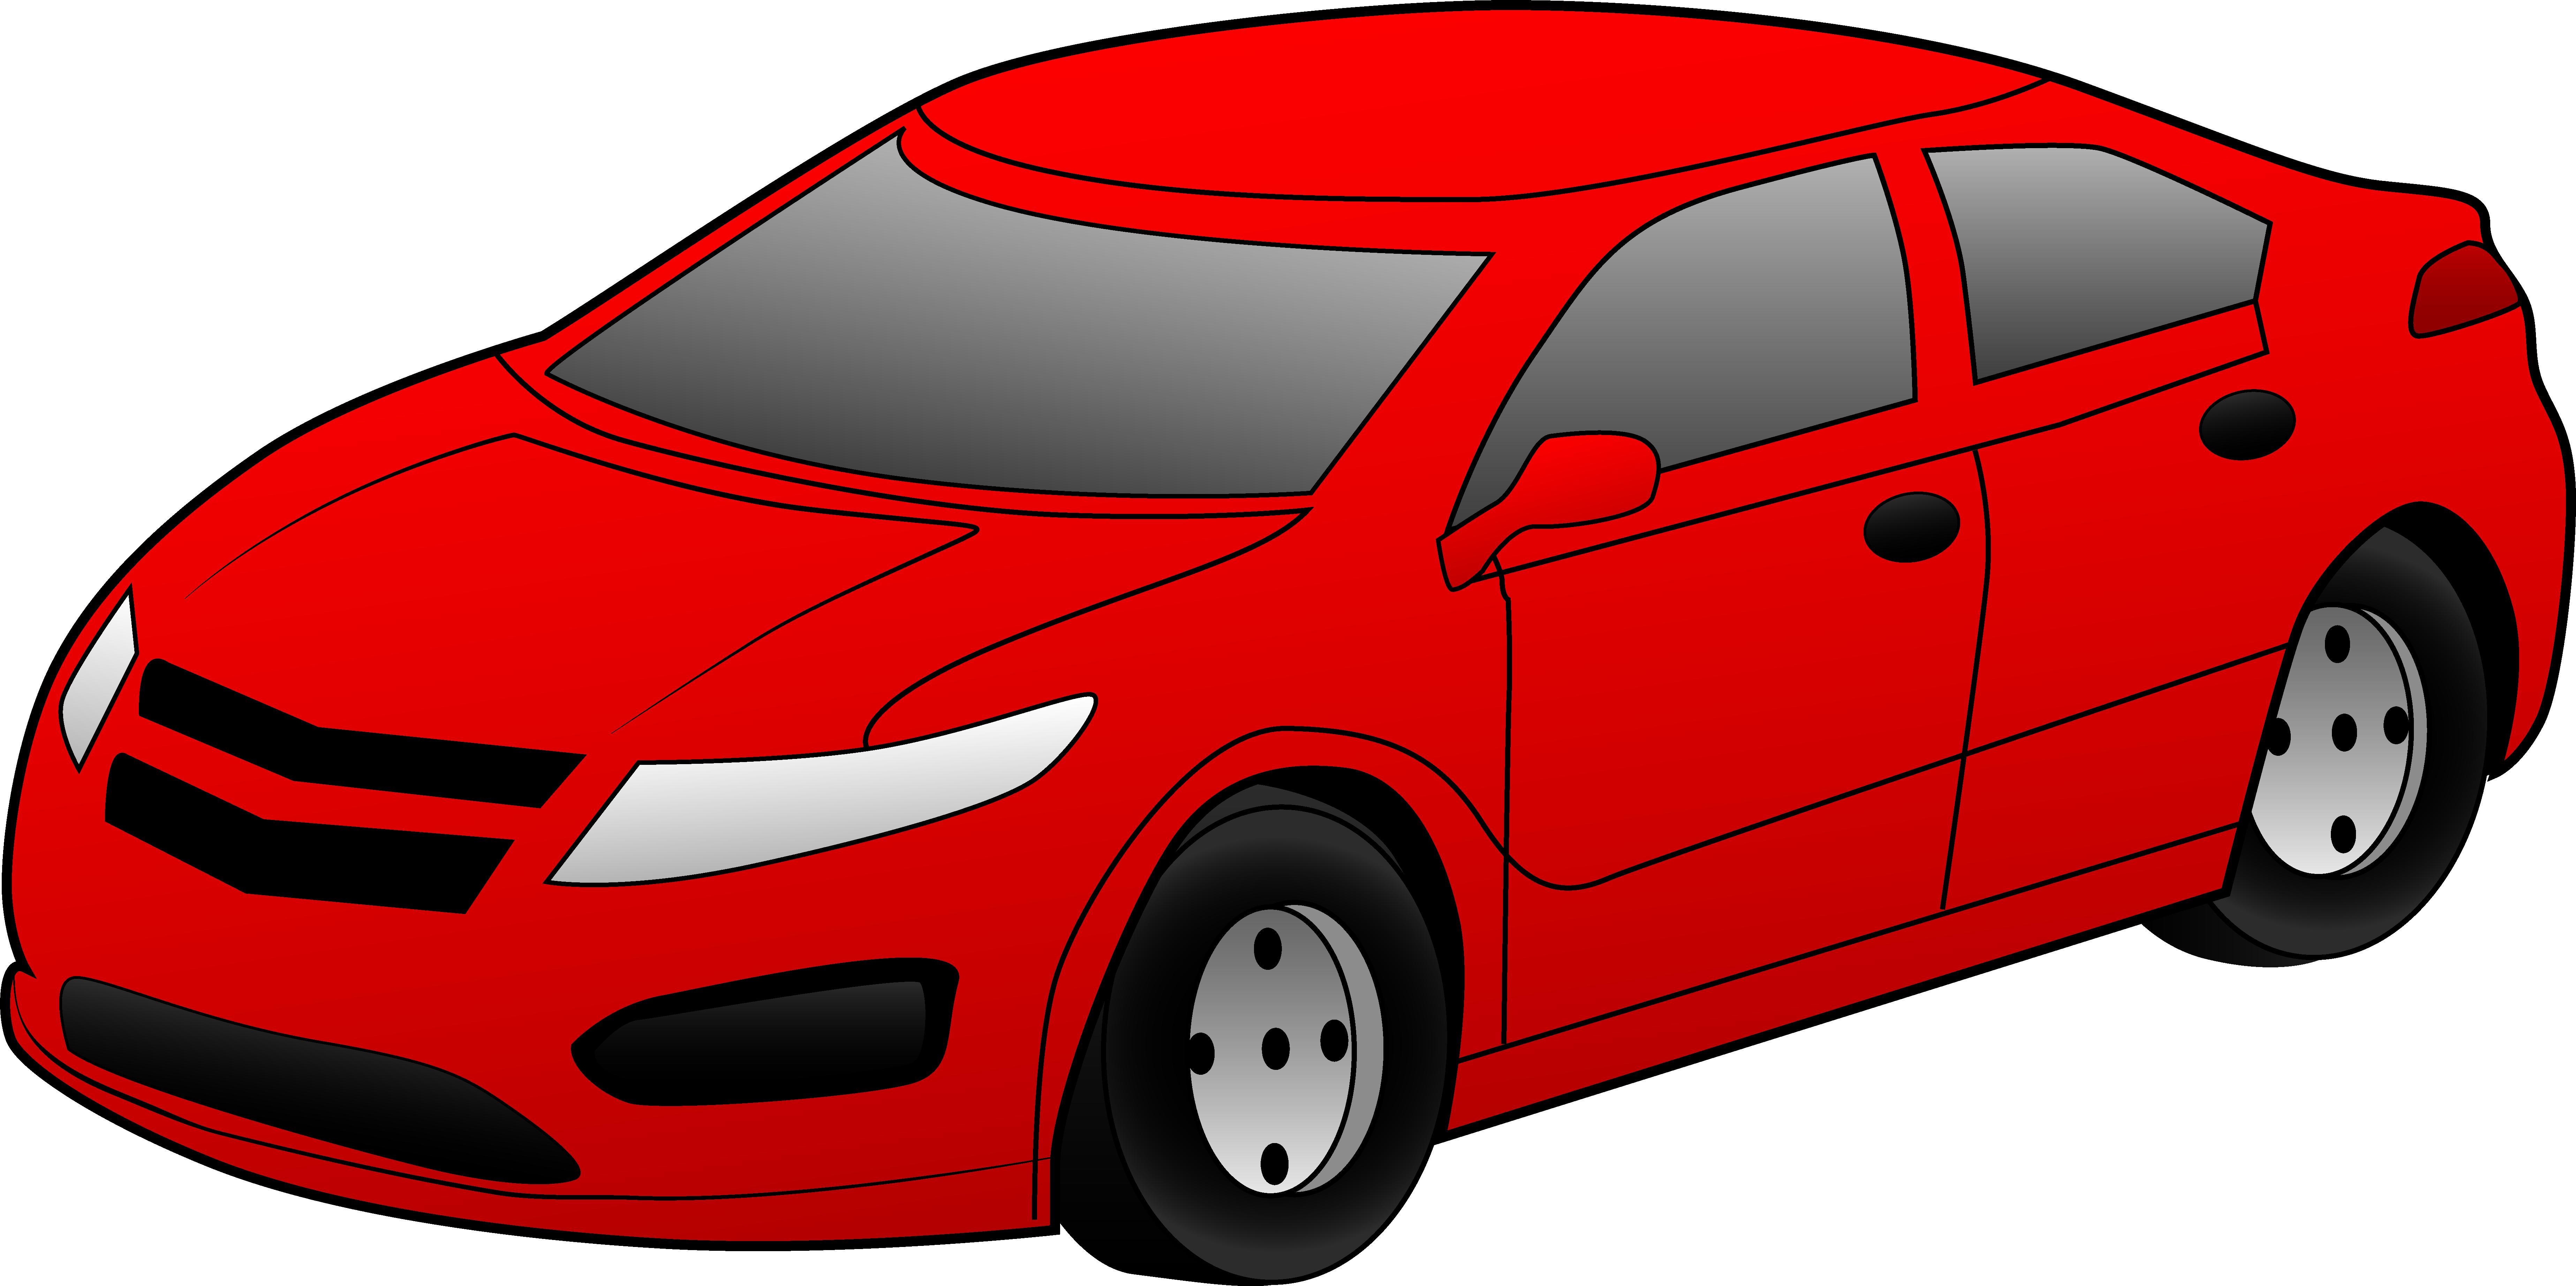 7387x3689 Car Clip Art Free Race Car Clipart Panda